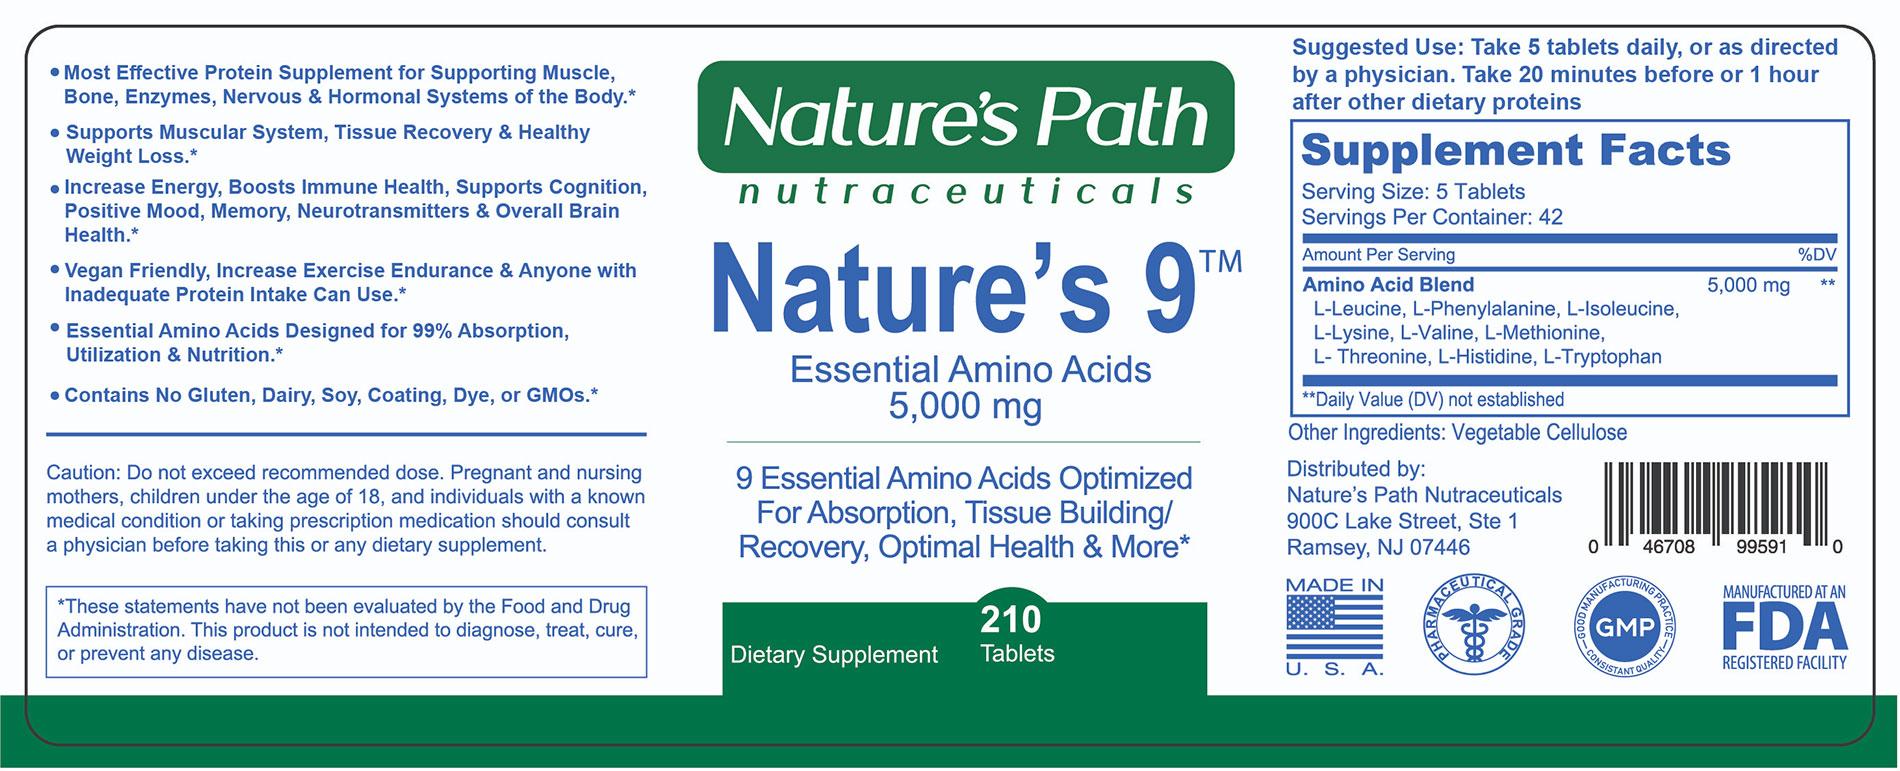 Natures 9 Essential Amino Acids